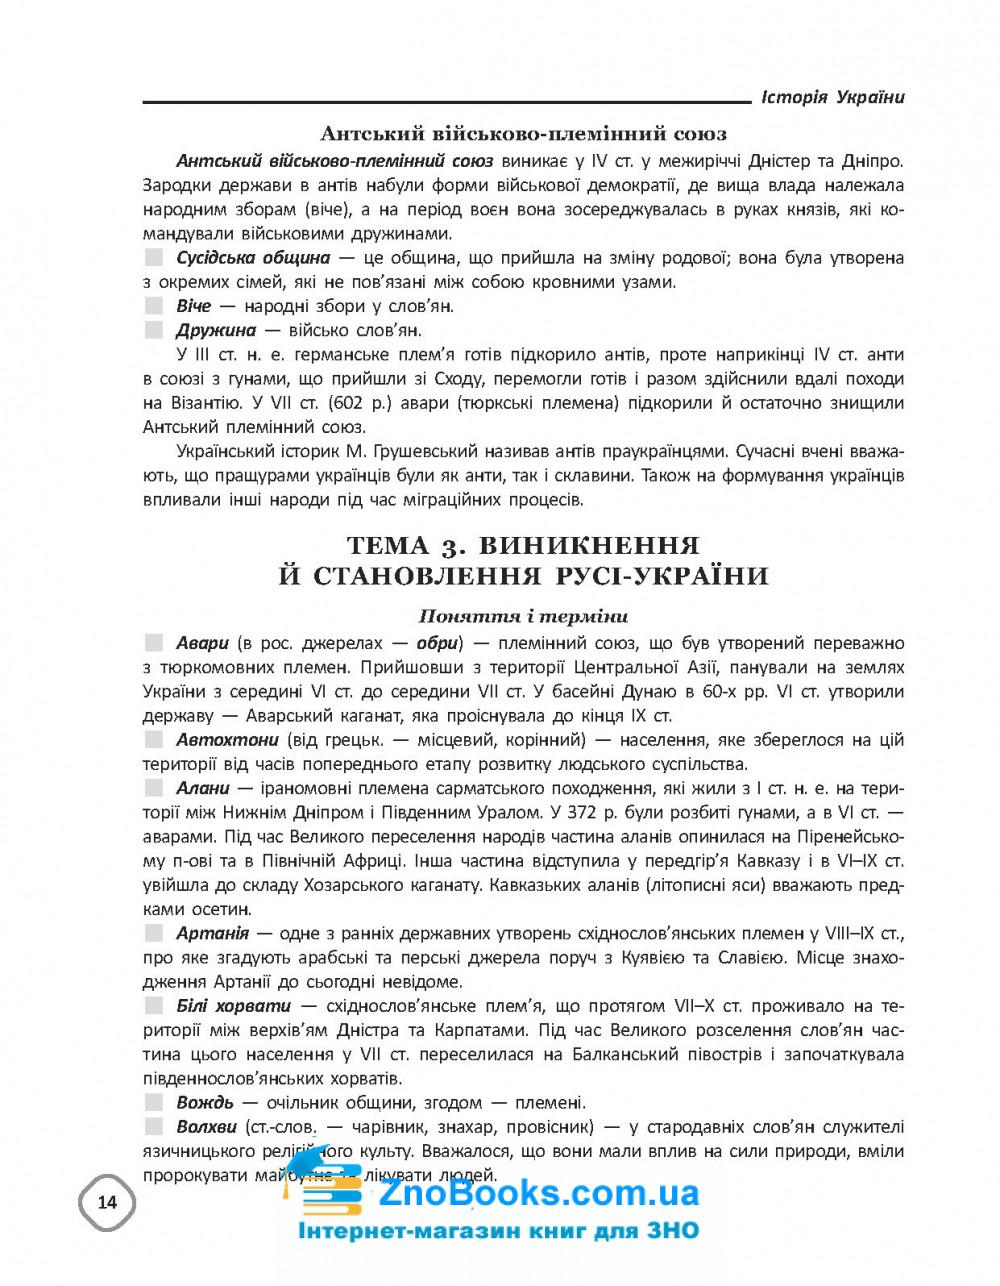 Довідник з історії України 5-11 клас до ЗНО : Харківська Н. Івакін О. Основа. 14